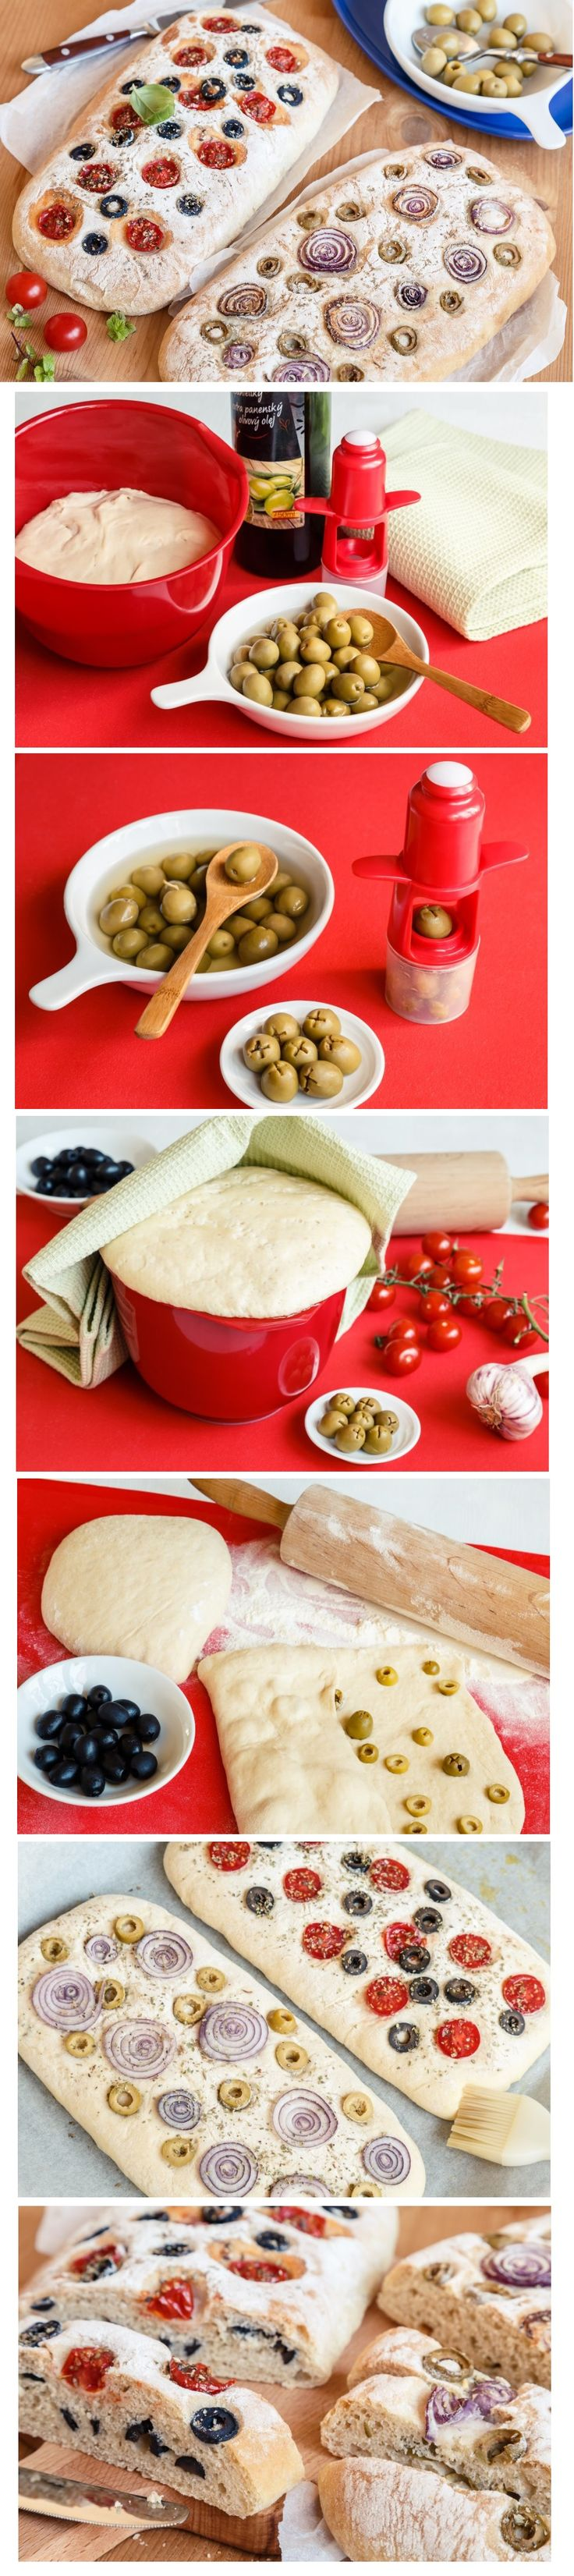 Ciabatta patří ke klasickým přílohám, které Italové kombinují s nejrůznějšími jídly. Jedná se o kynutý bílý chléb z hladké mouky a na jeho upečení není nic složitého. Vyzkoušejte verzi s olivami a na jejich vypeckování použijte náš vypeckovávač.